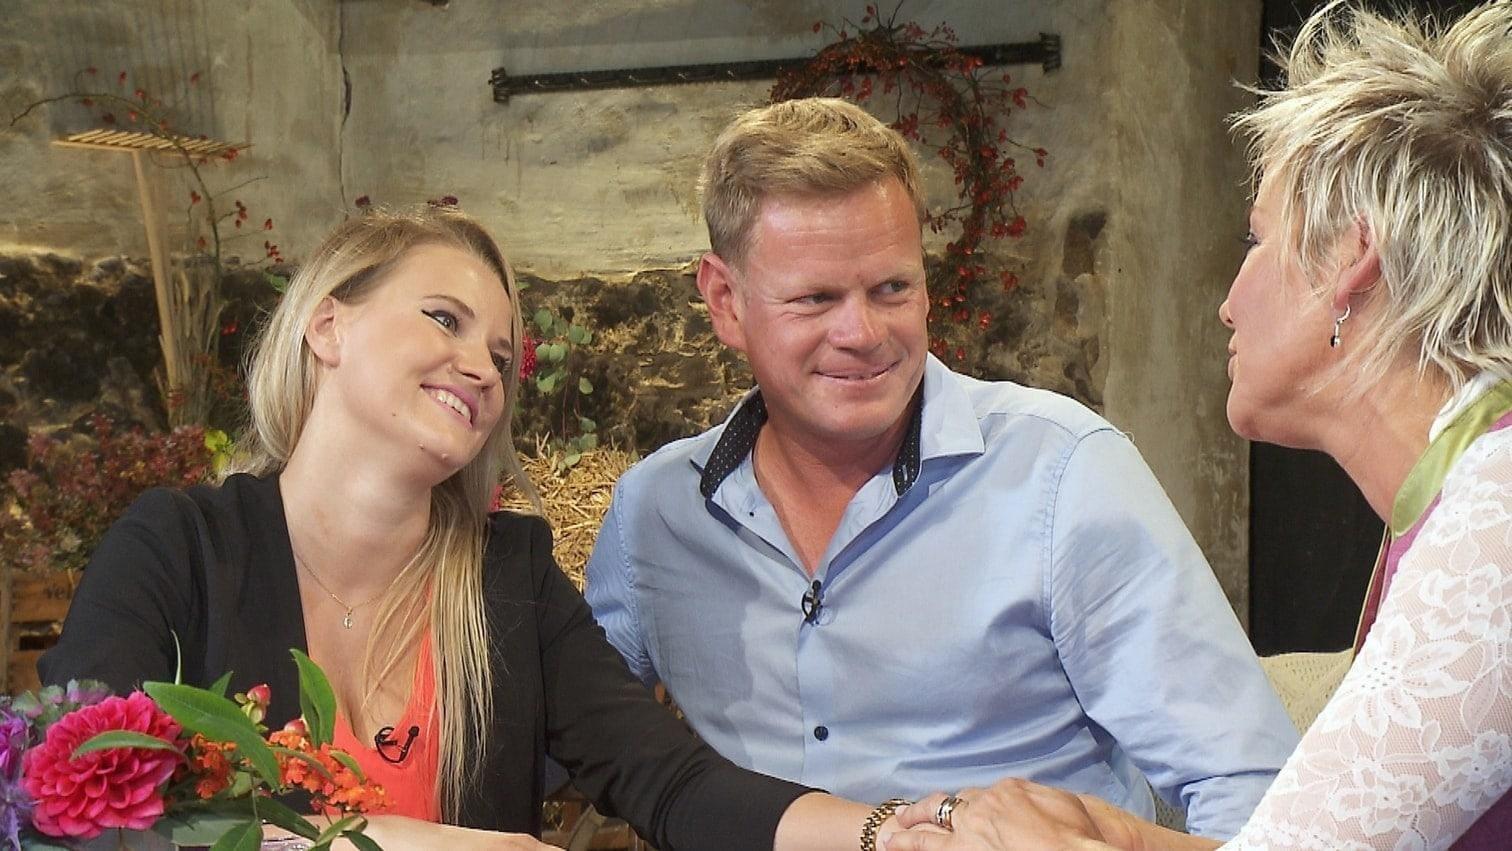 <p>Die Verlobungsringe haben es der Moderatorin angetan.</p> Foto: MG RTL D